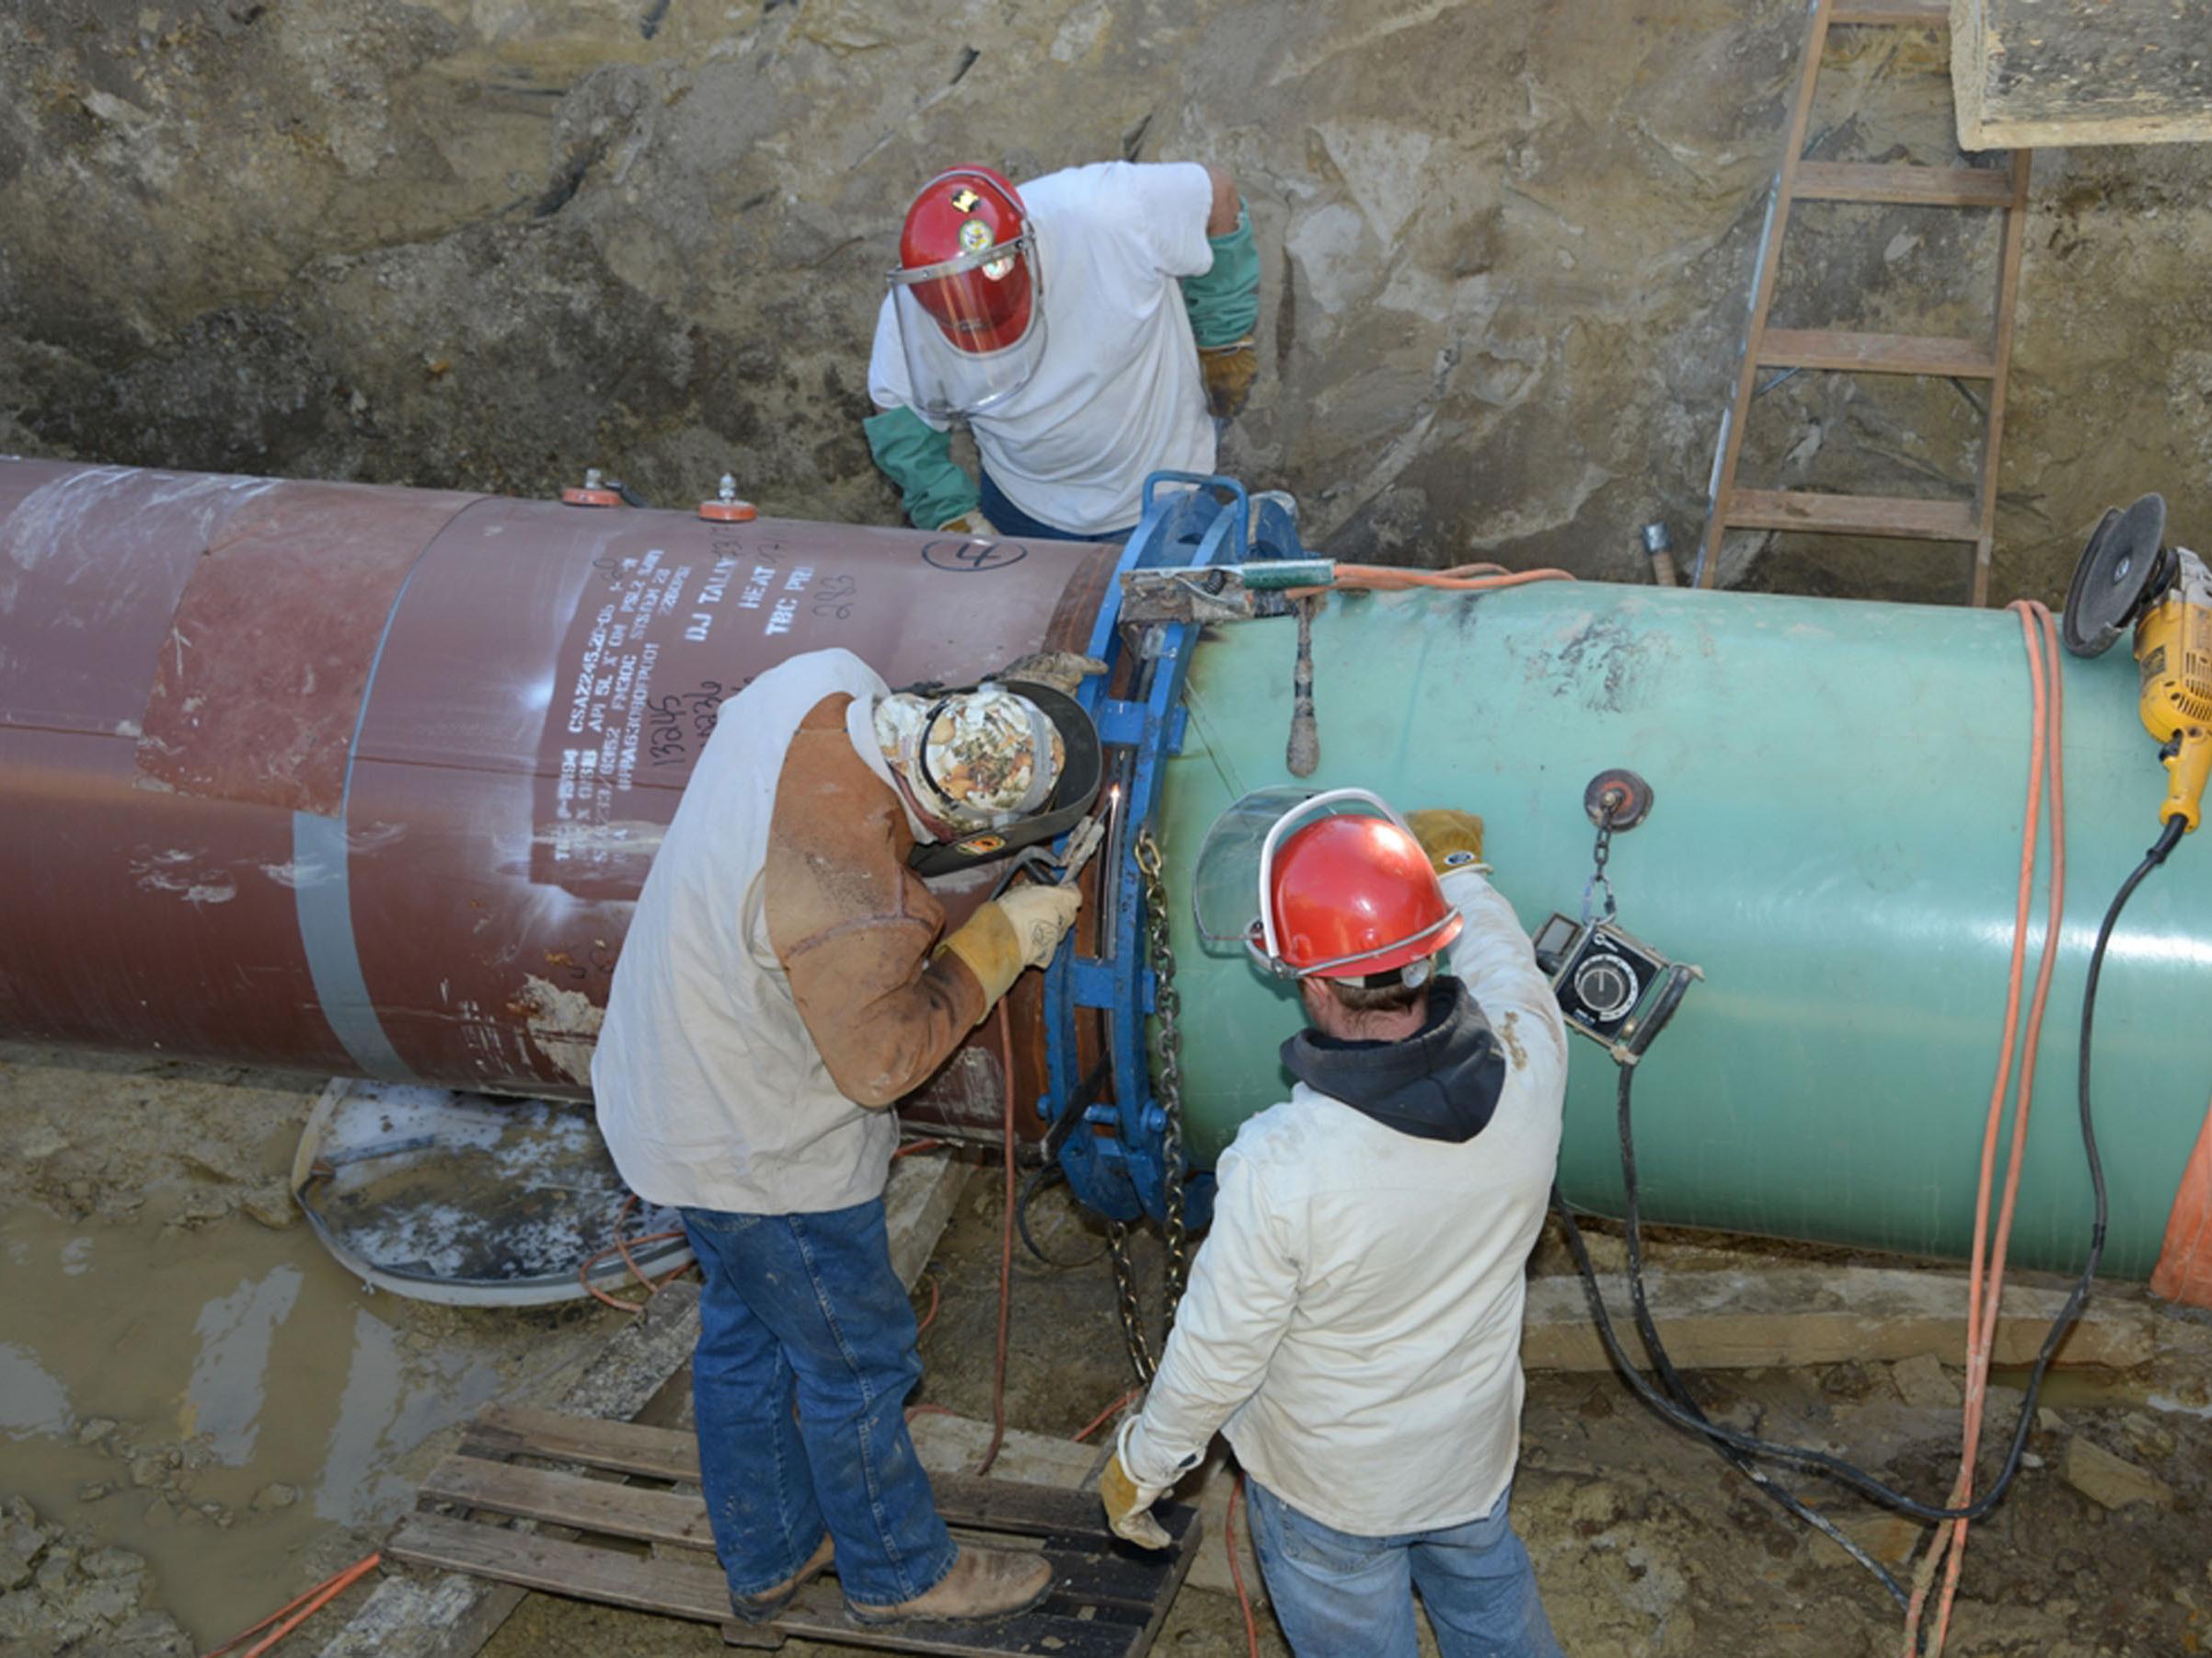 U.S. Issues Keystone XL Pipeline Environmental Review